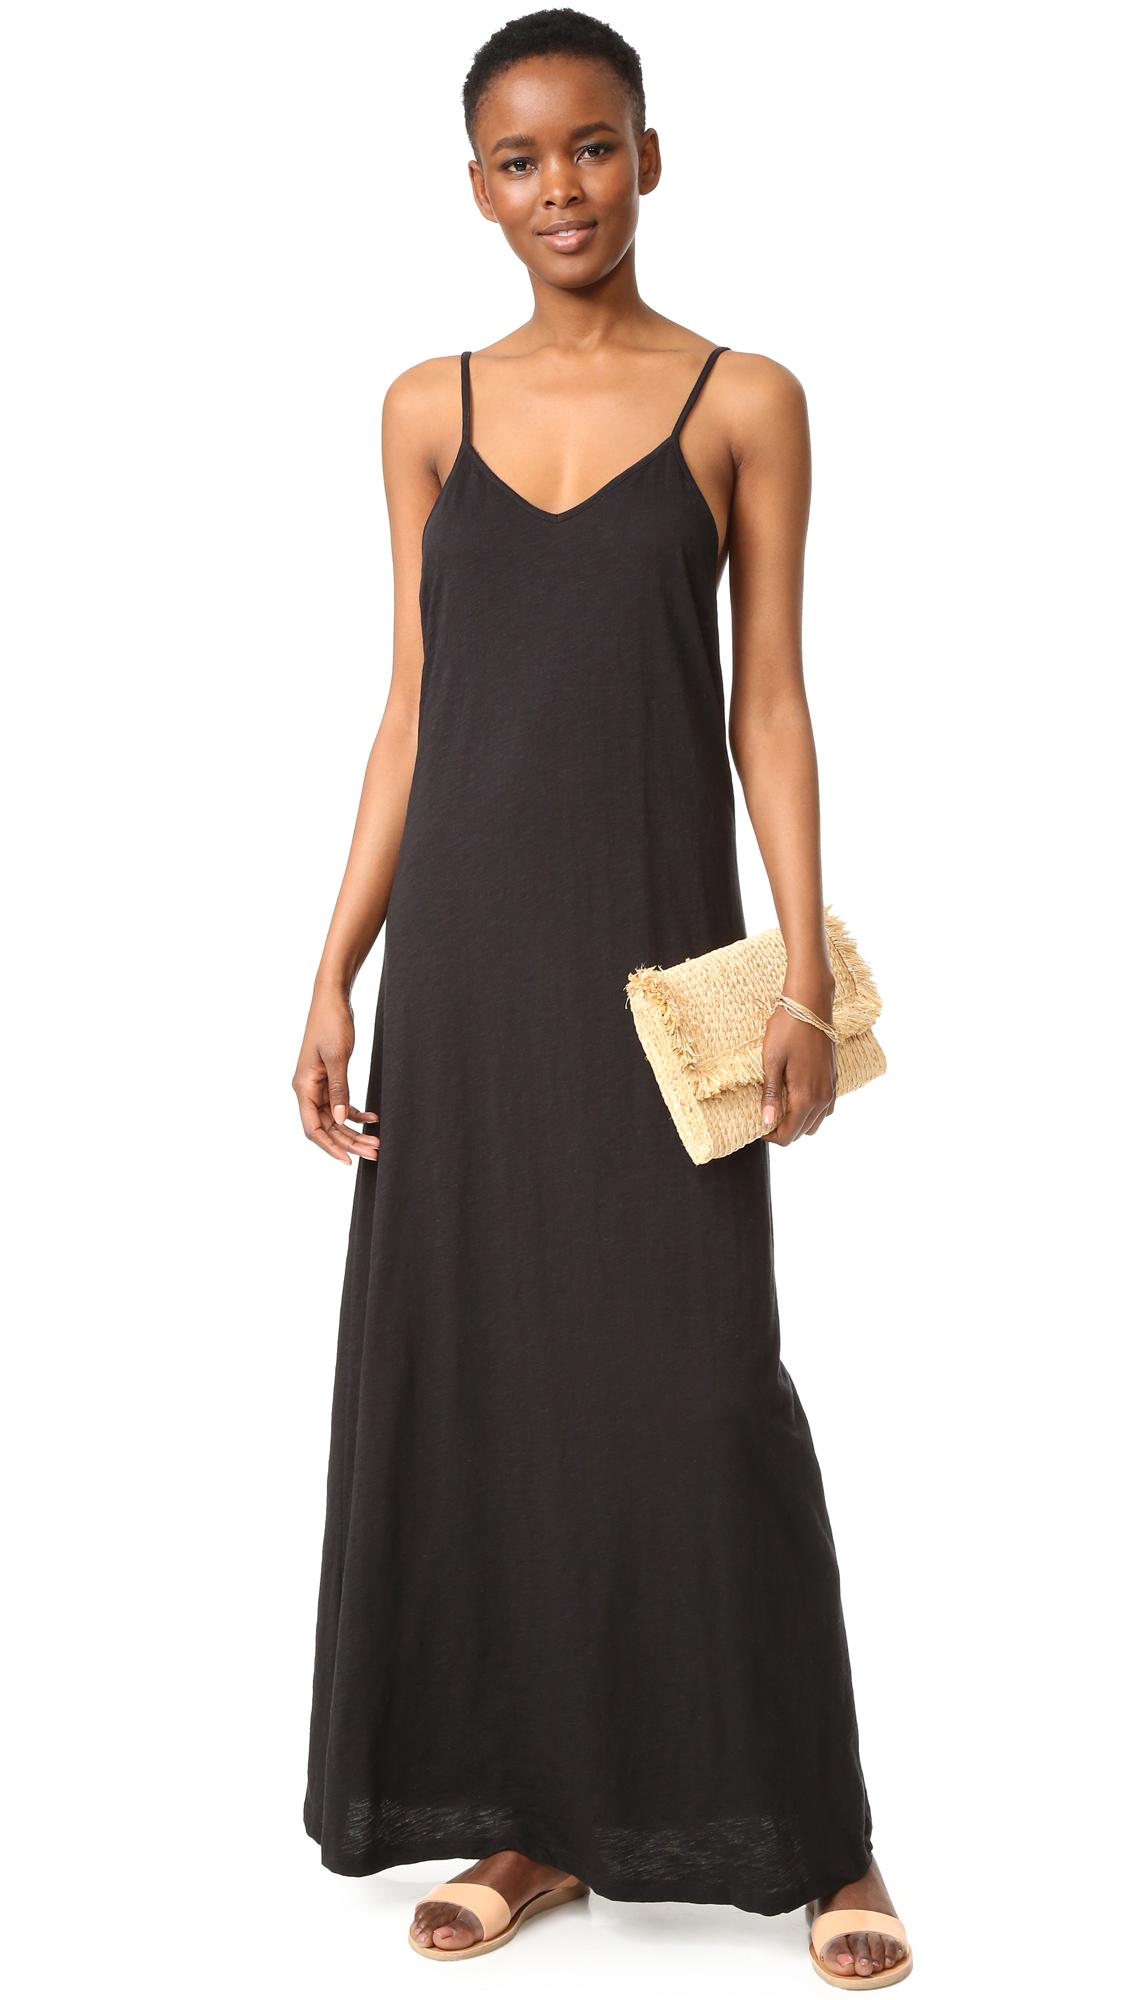 f22259adbf1 Pitusa Pom Pom Necklace Dress